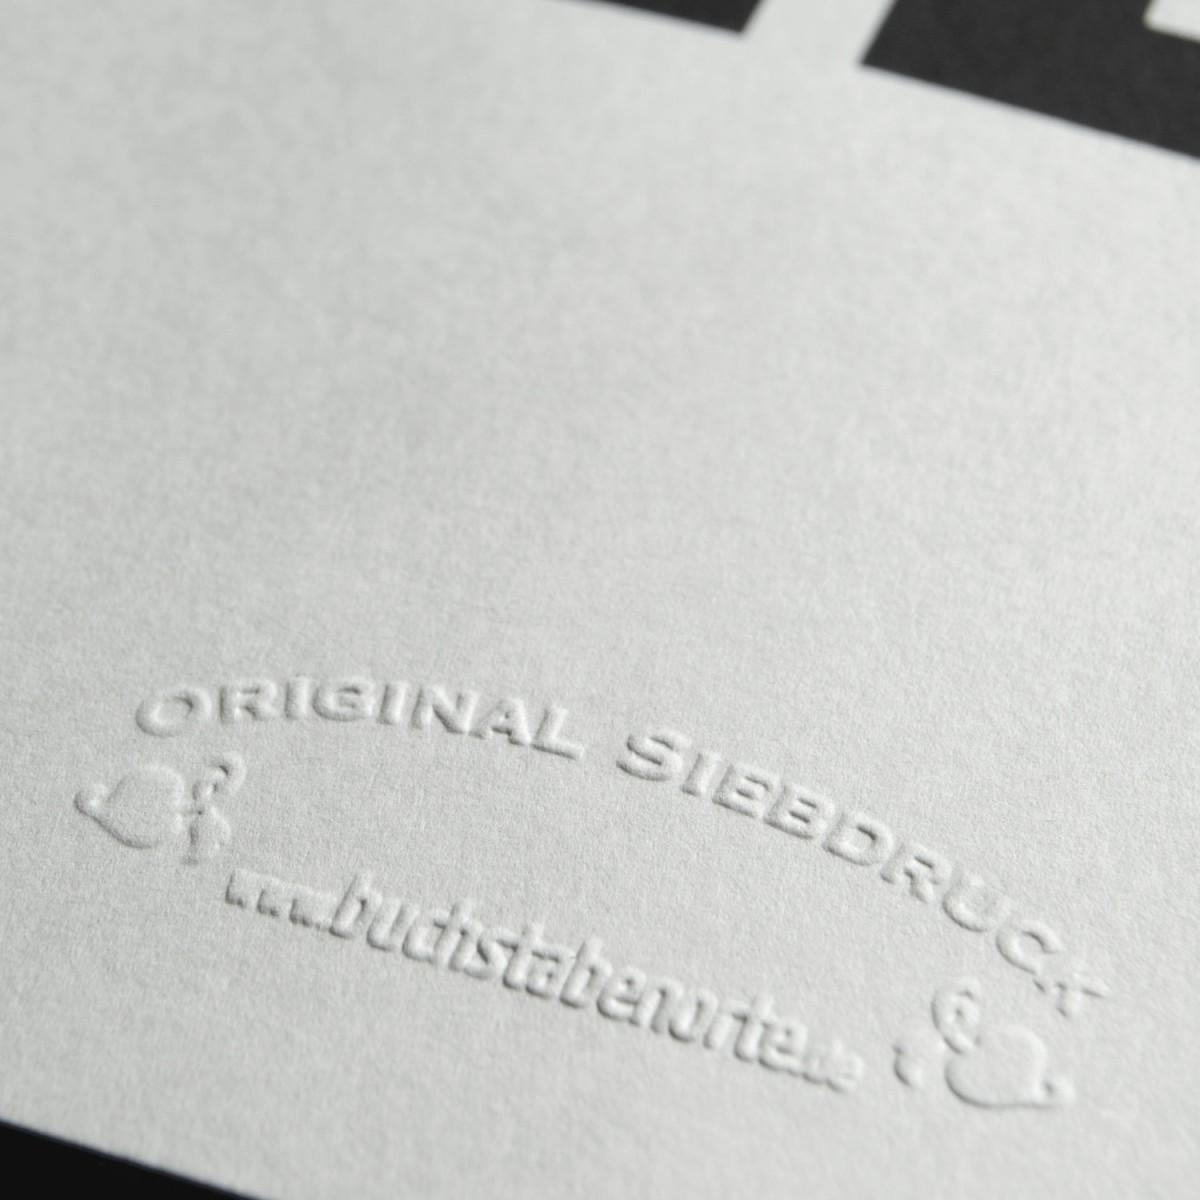 Buchstabenort Karlsruhe Stadtteile-Poster Typografie